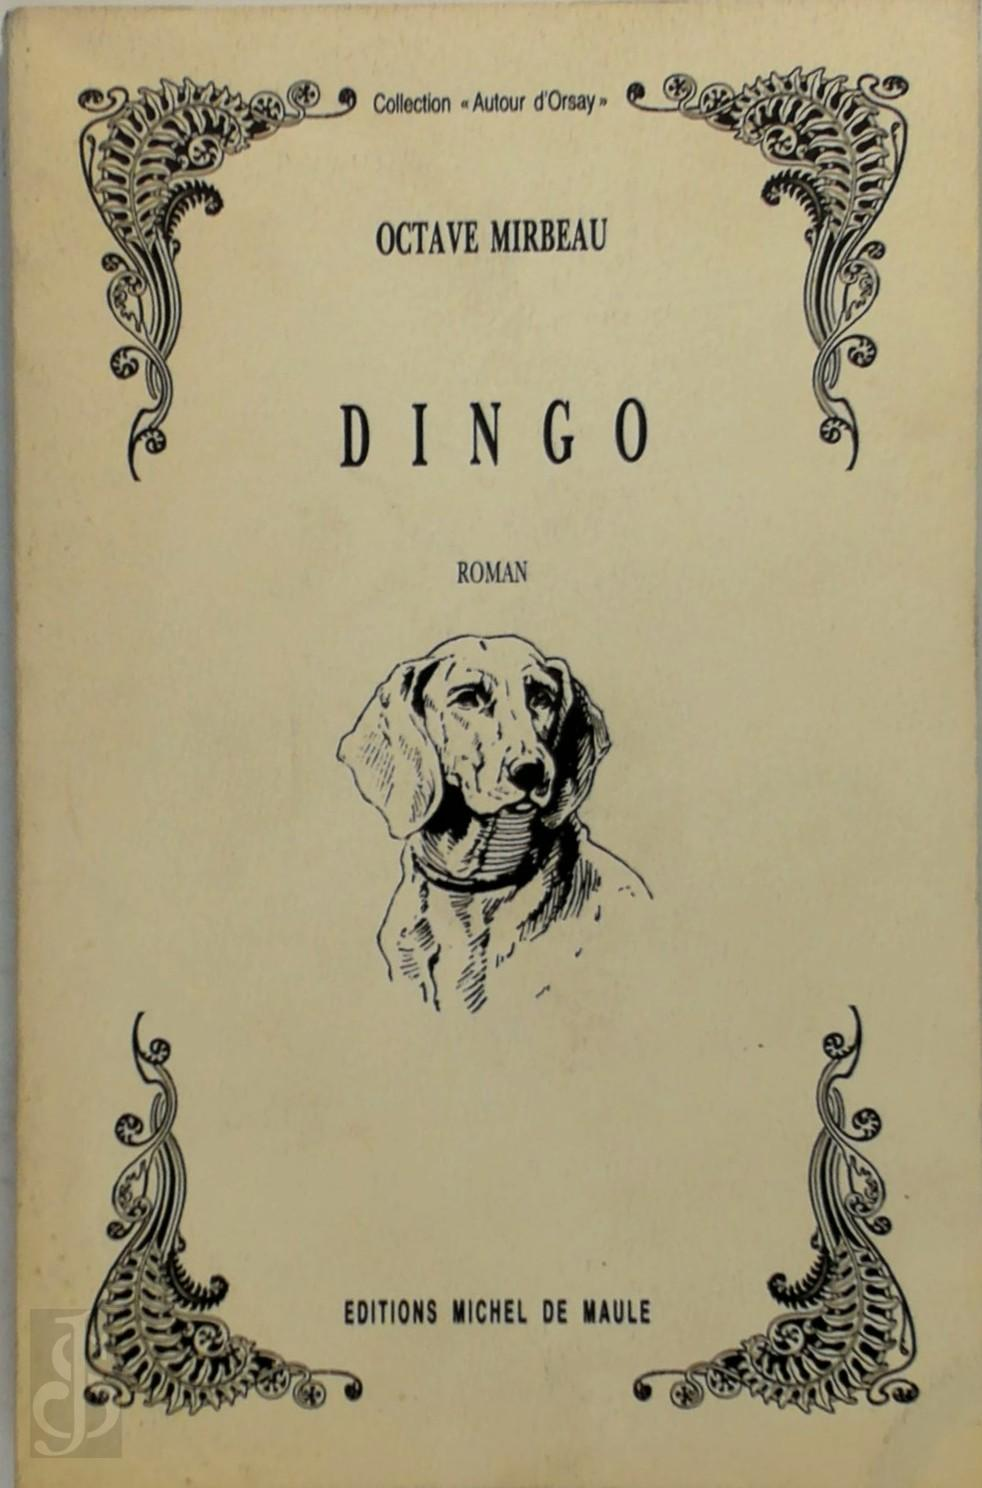 Octave Mirbeau - Dingo roman